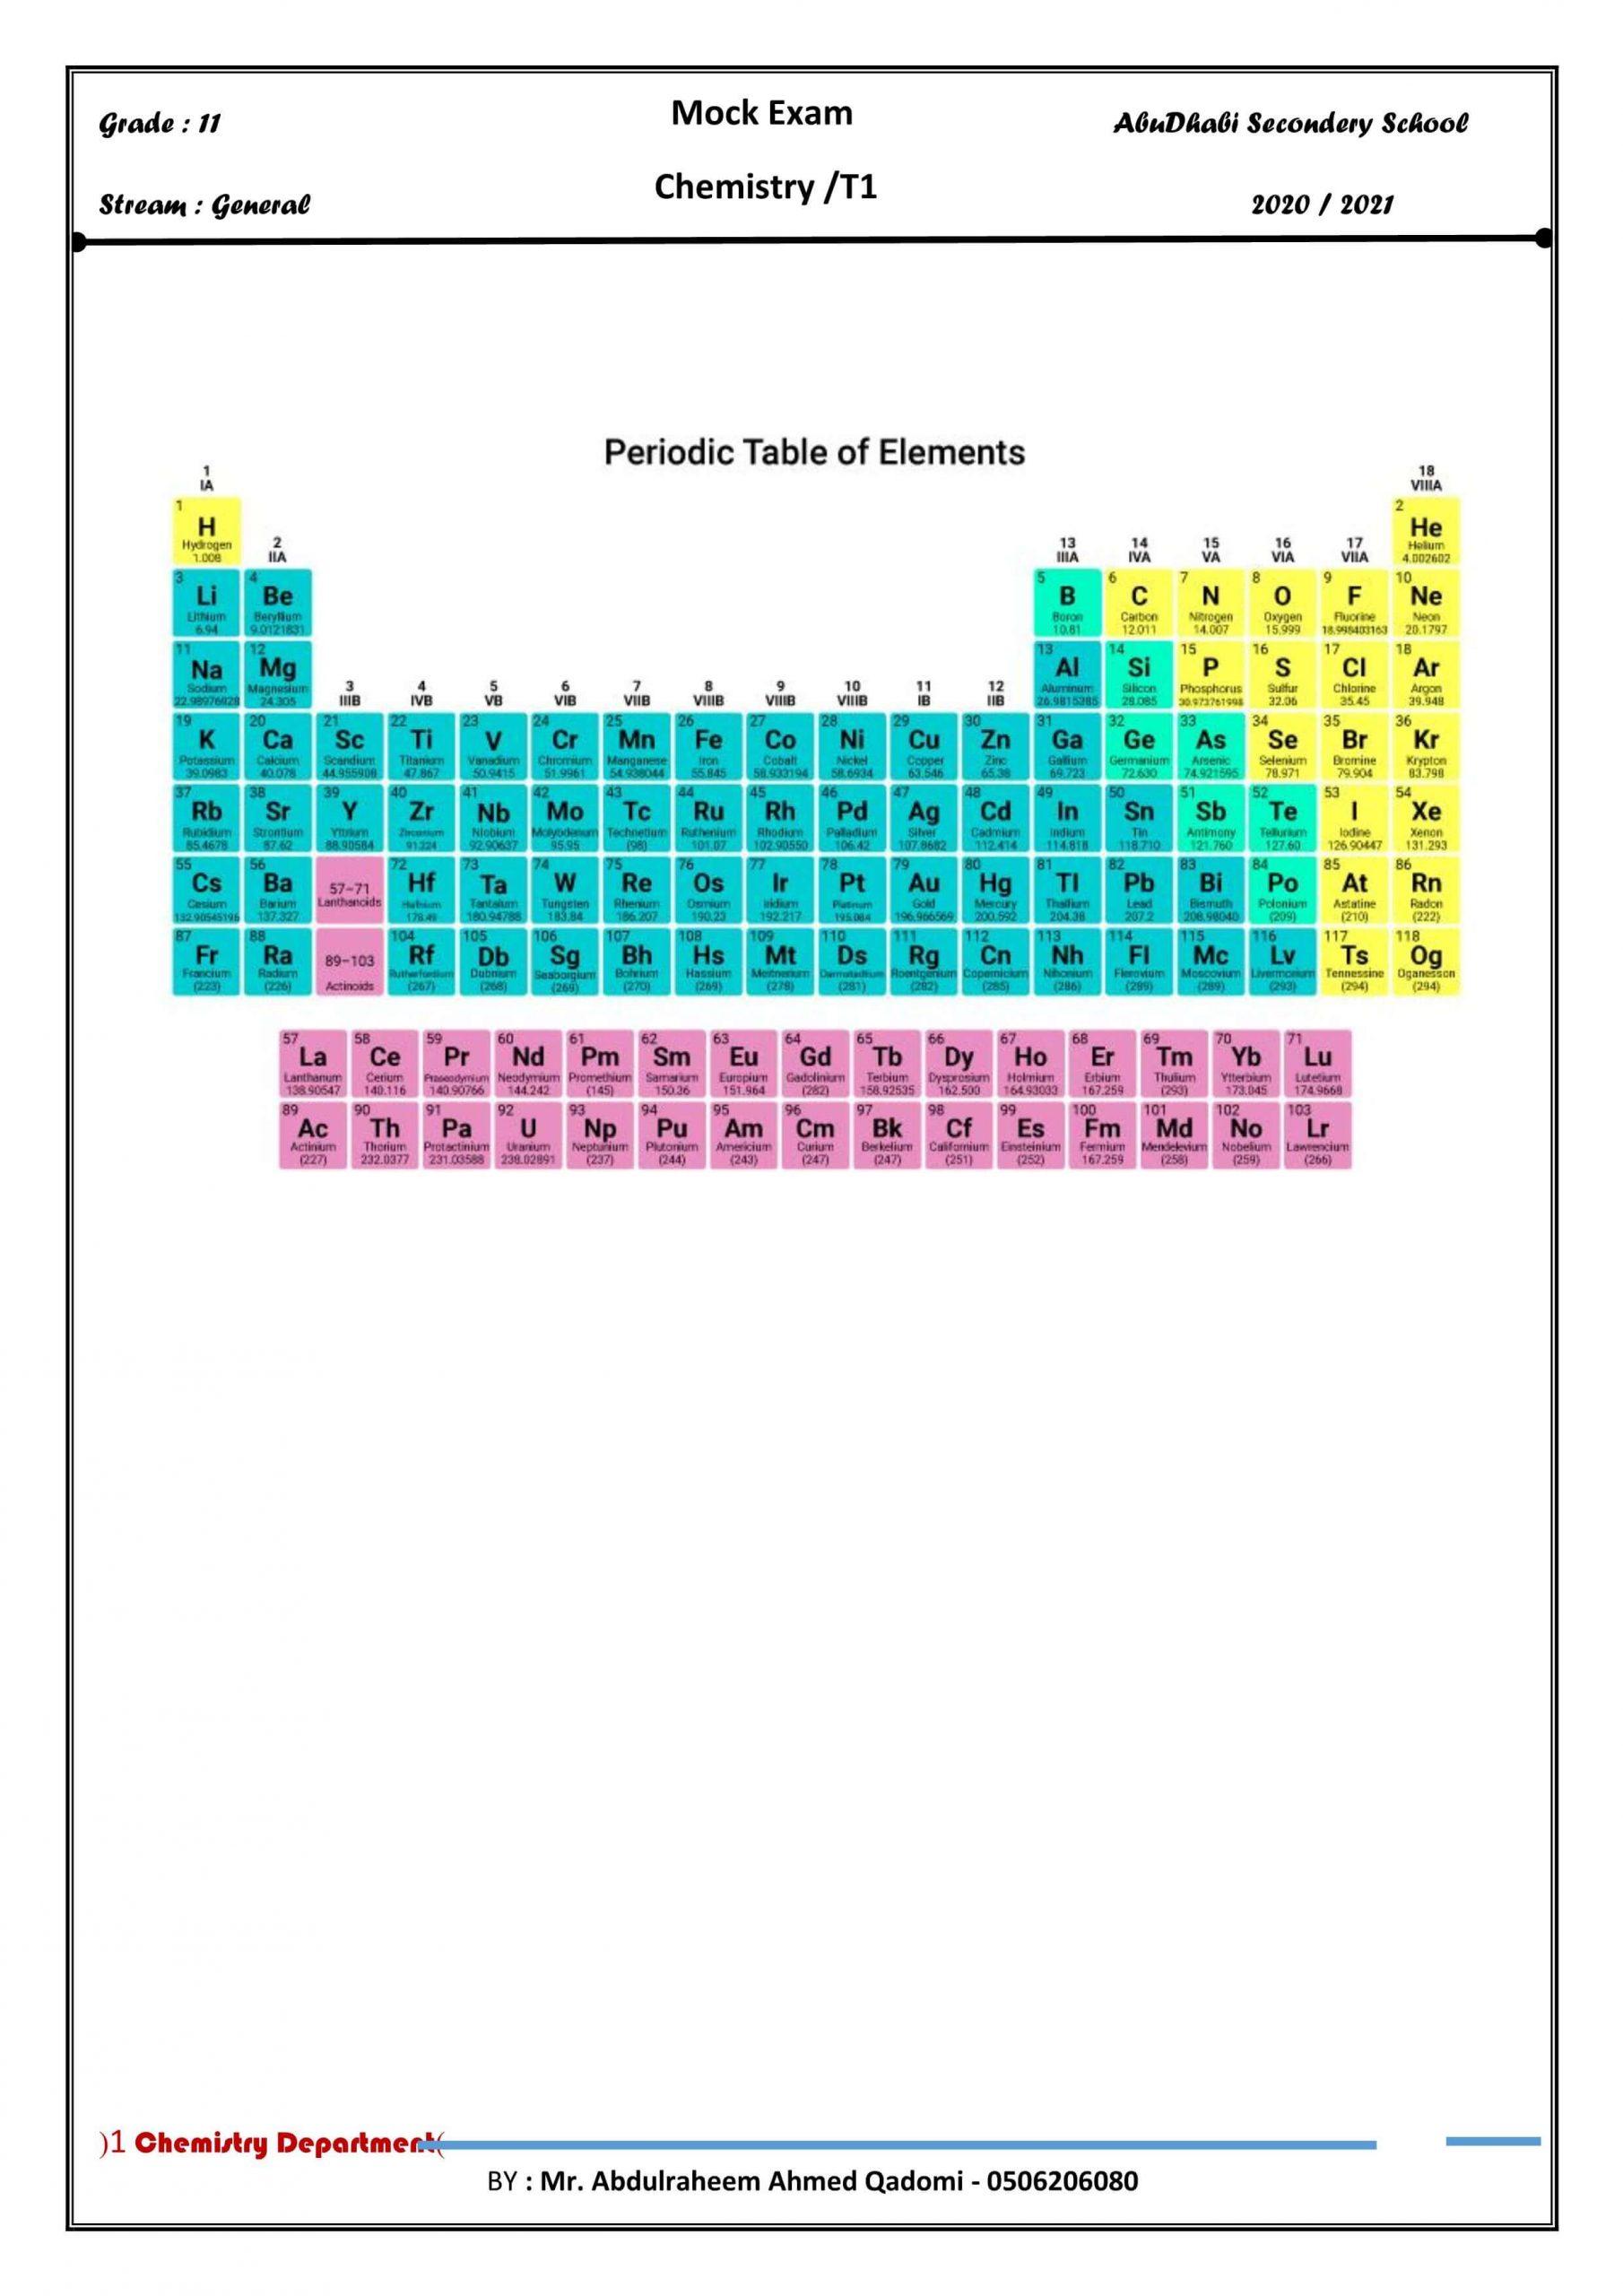 اوراق عمل مراجعة بالانجليزي الصف الحادي عشر مادة الكيمياء